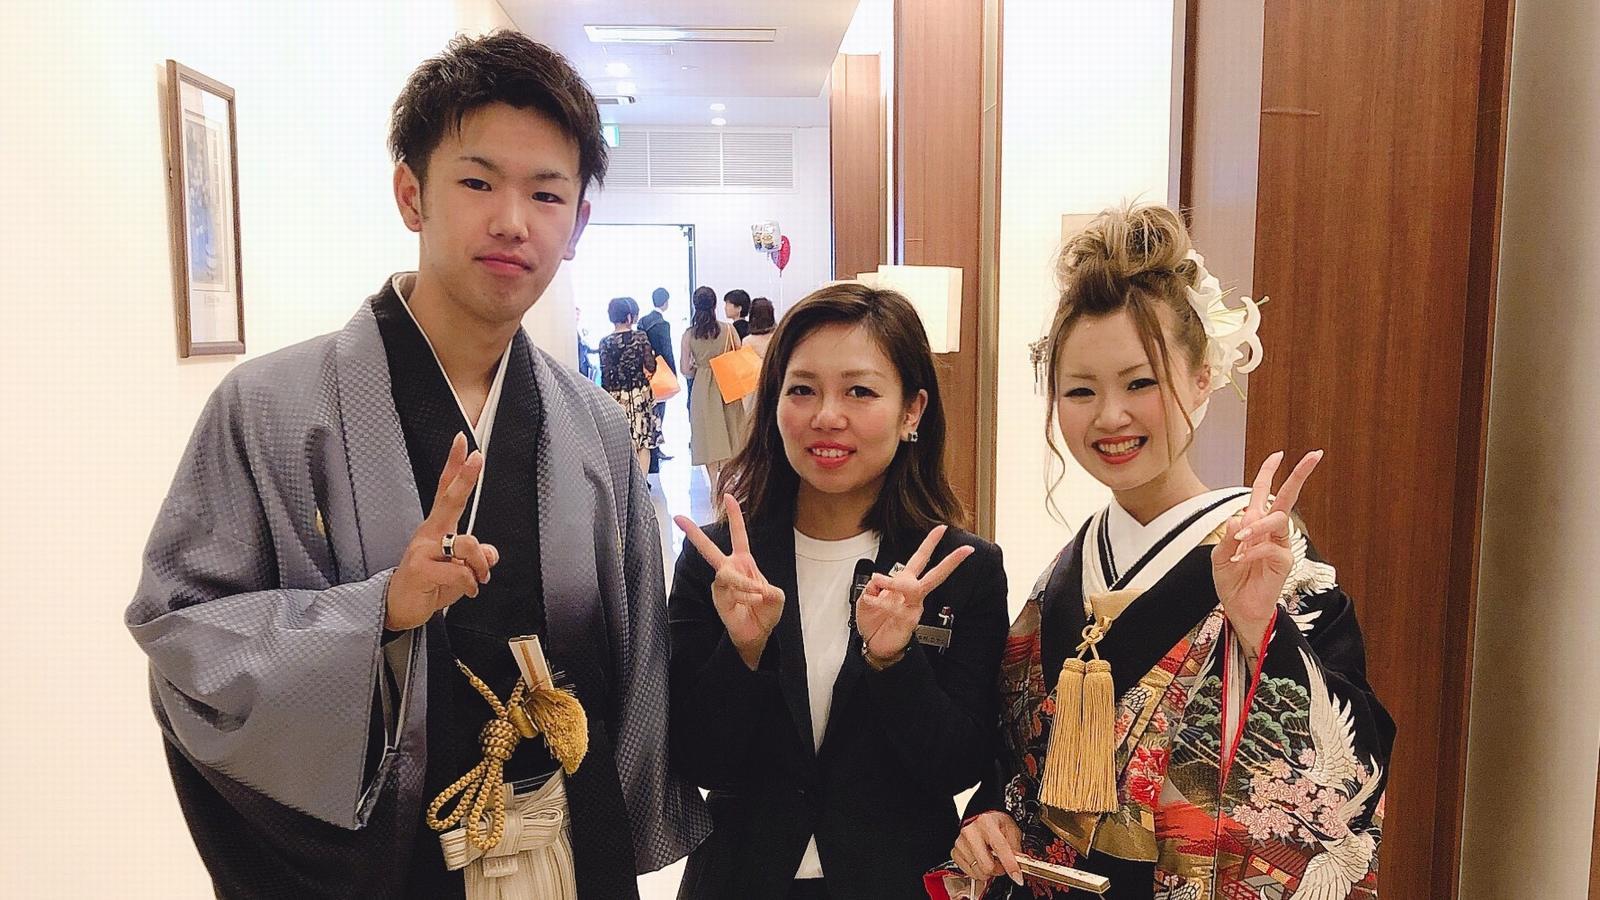 徳島市の結婚式場ブランアンジュで新郎新婦様と担当プランナーとの幸せショット